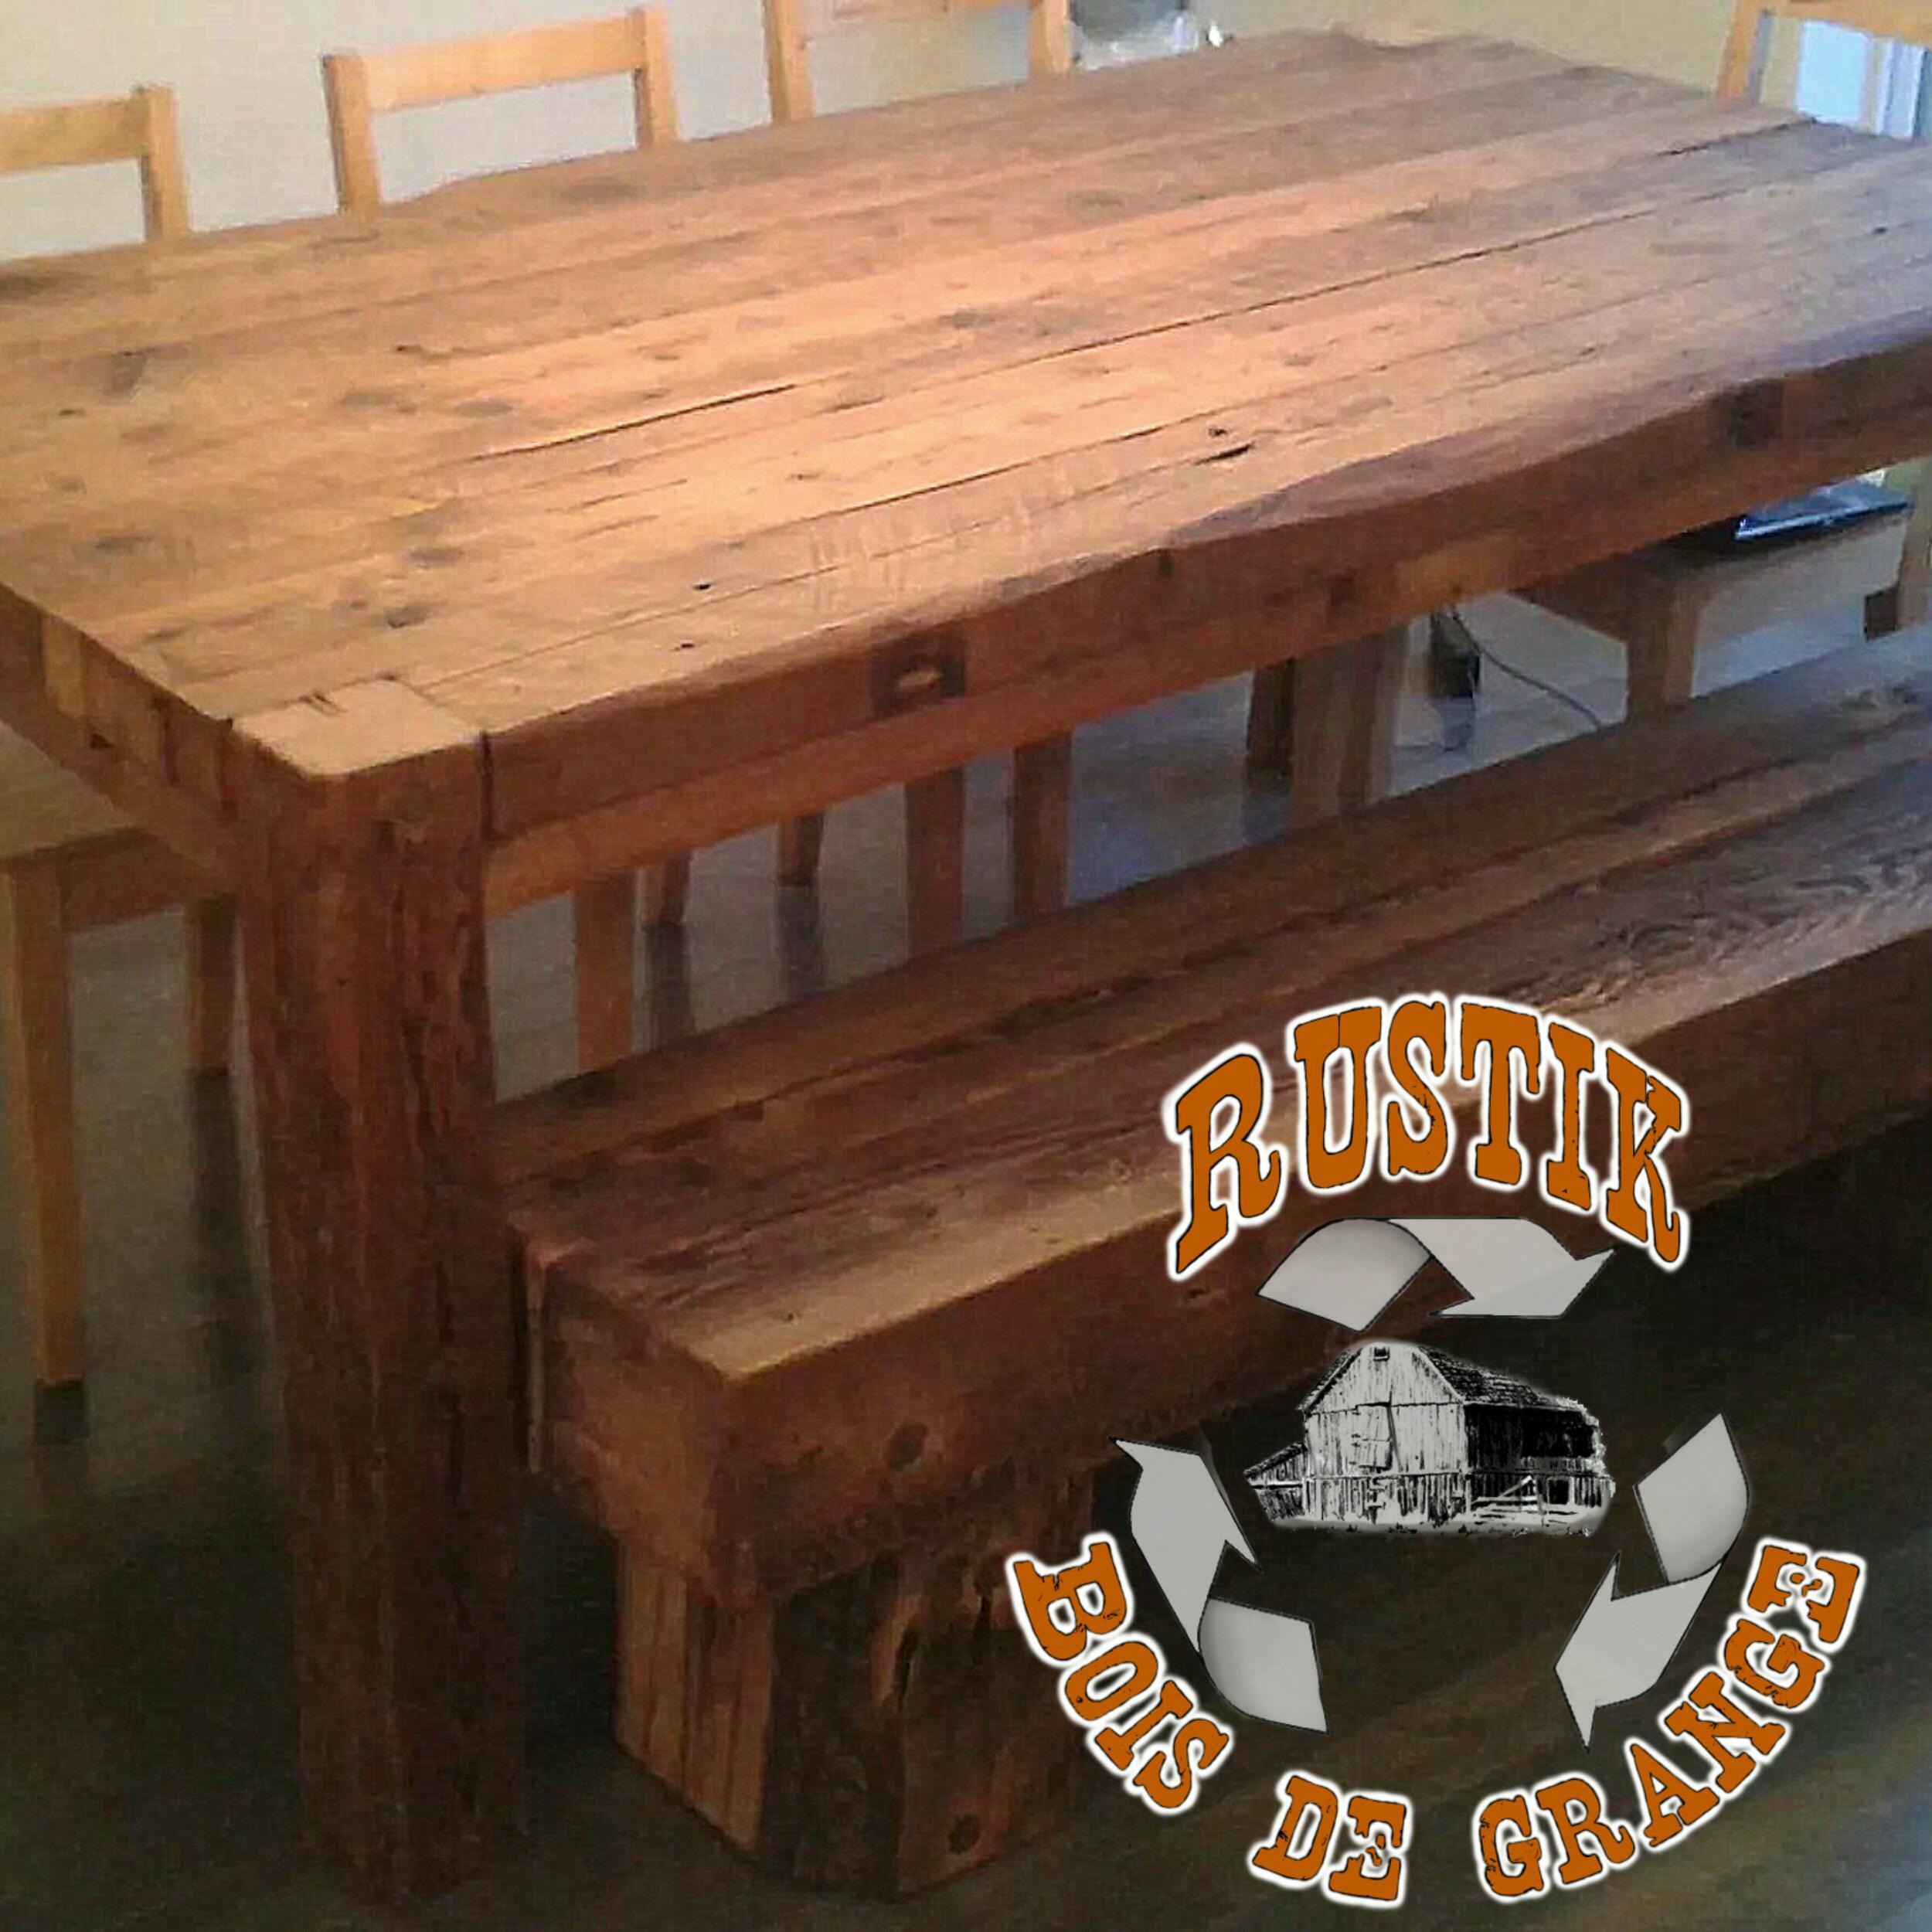 meuble bois massif sur mesure qu bec rustik meubles design table et son banc assorti. Black Bedroom Furniture Sets. Home Design Ideas